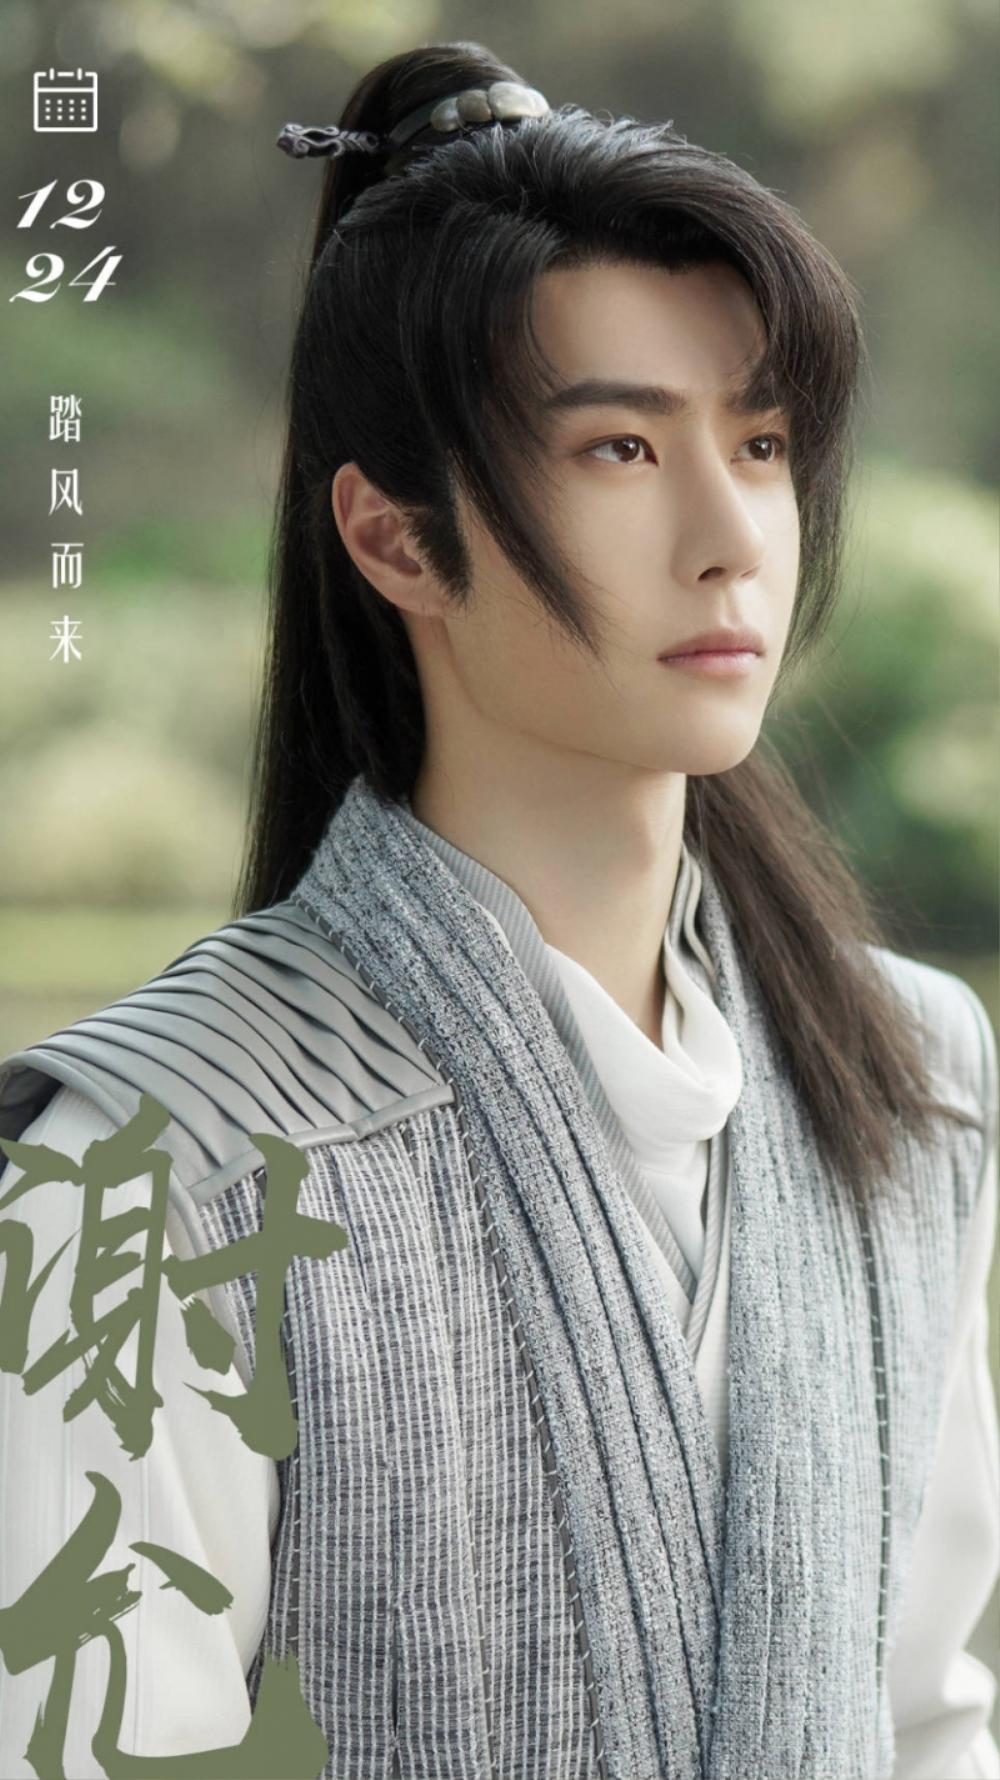 Vương Nhất Bác phủ nhận tái hợp Triệu Lệ Dĩnh trong phim mới, netizen réo gọi Cung Tuấn vào thay thế Ảnh 3